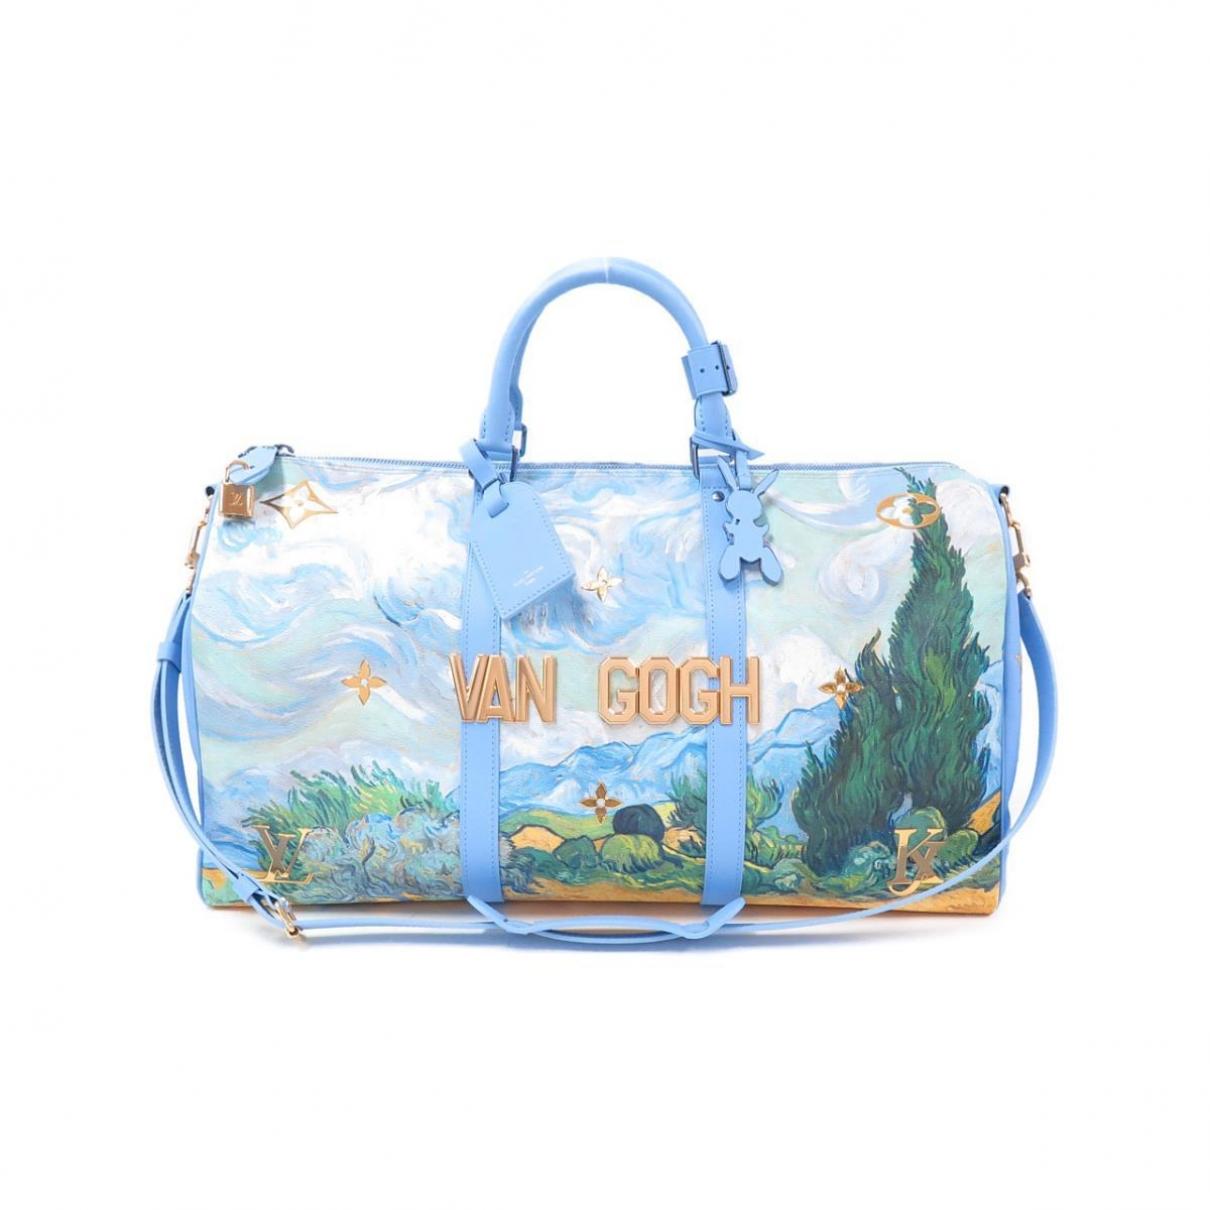 Louis Vuitton - Sac de voyage Keepall pour femme en cuir - bleu